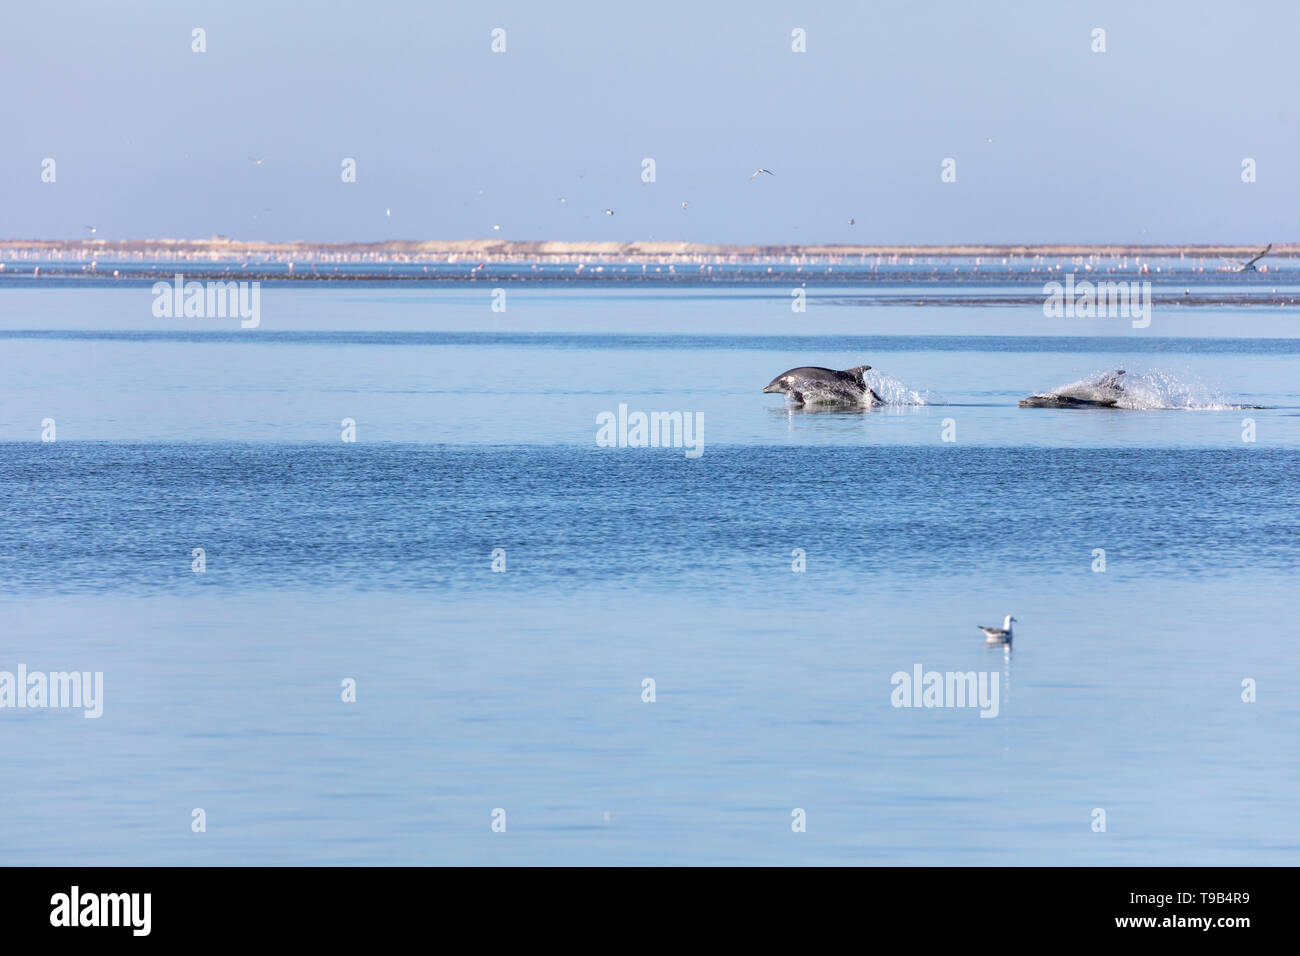 Común del Atlántico o el delfín mular (Tursiops truncatus) Foto de stock